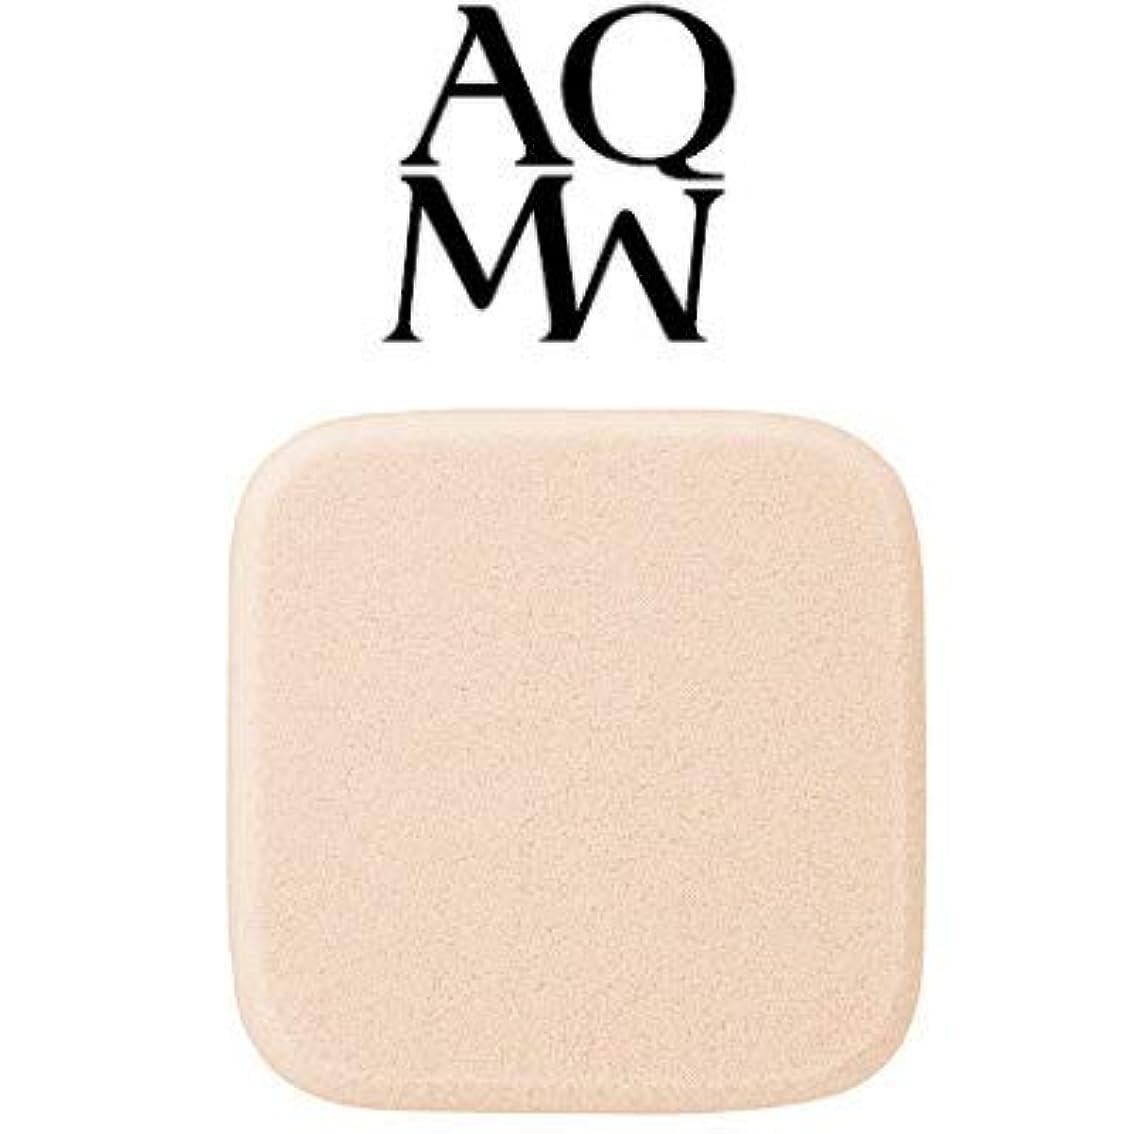 品種移動ディスクコーセー コスメデコルテ AQMW メイクアップスポンジN